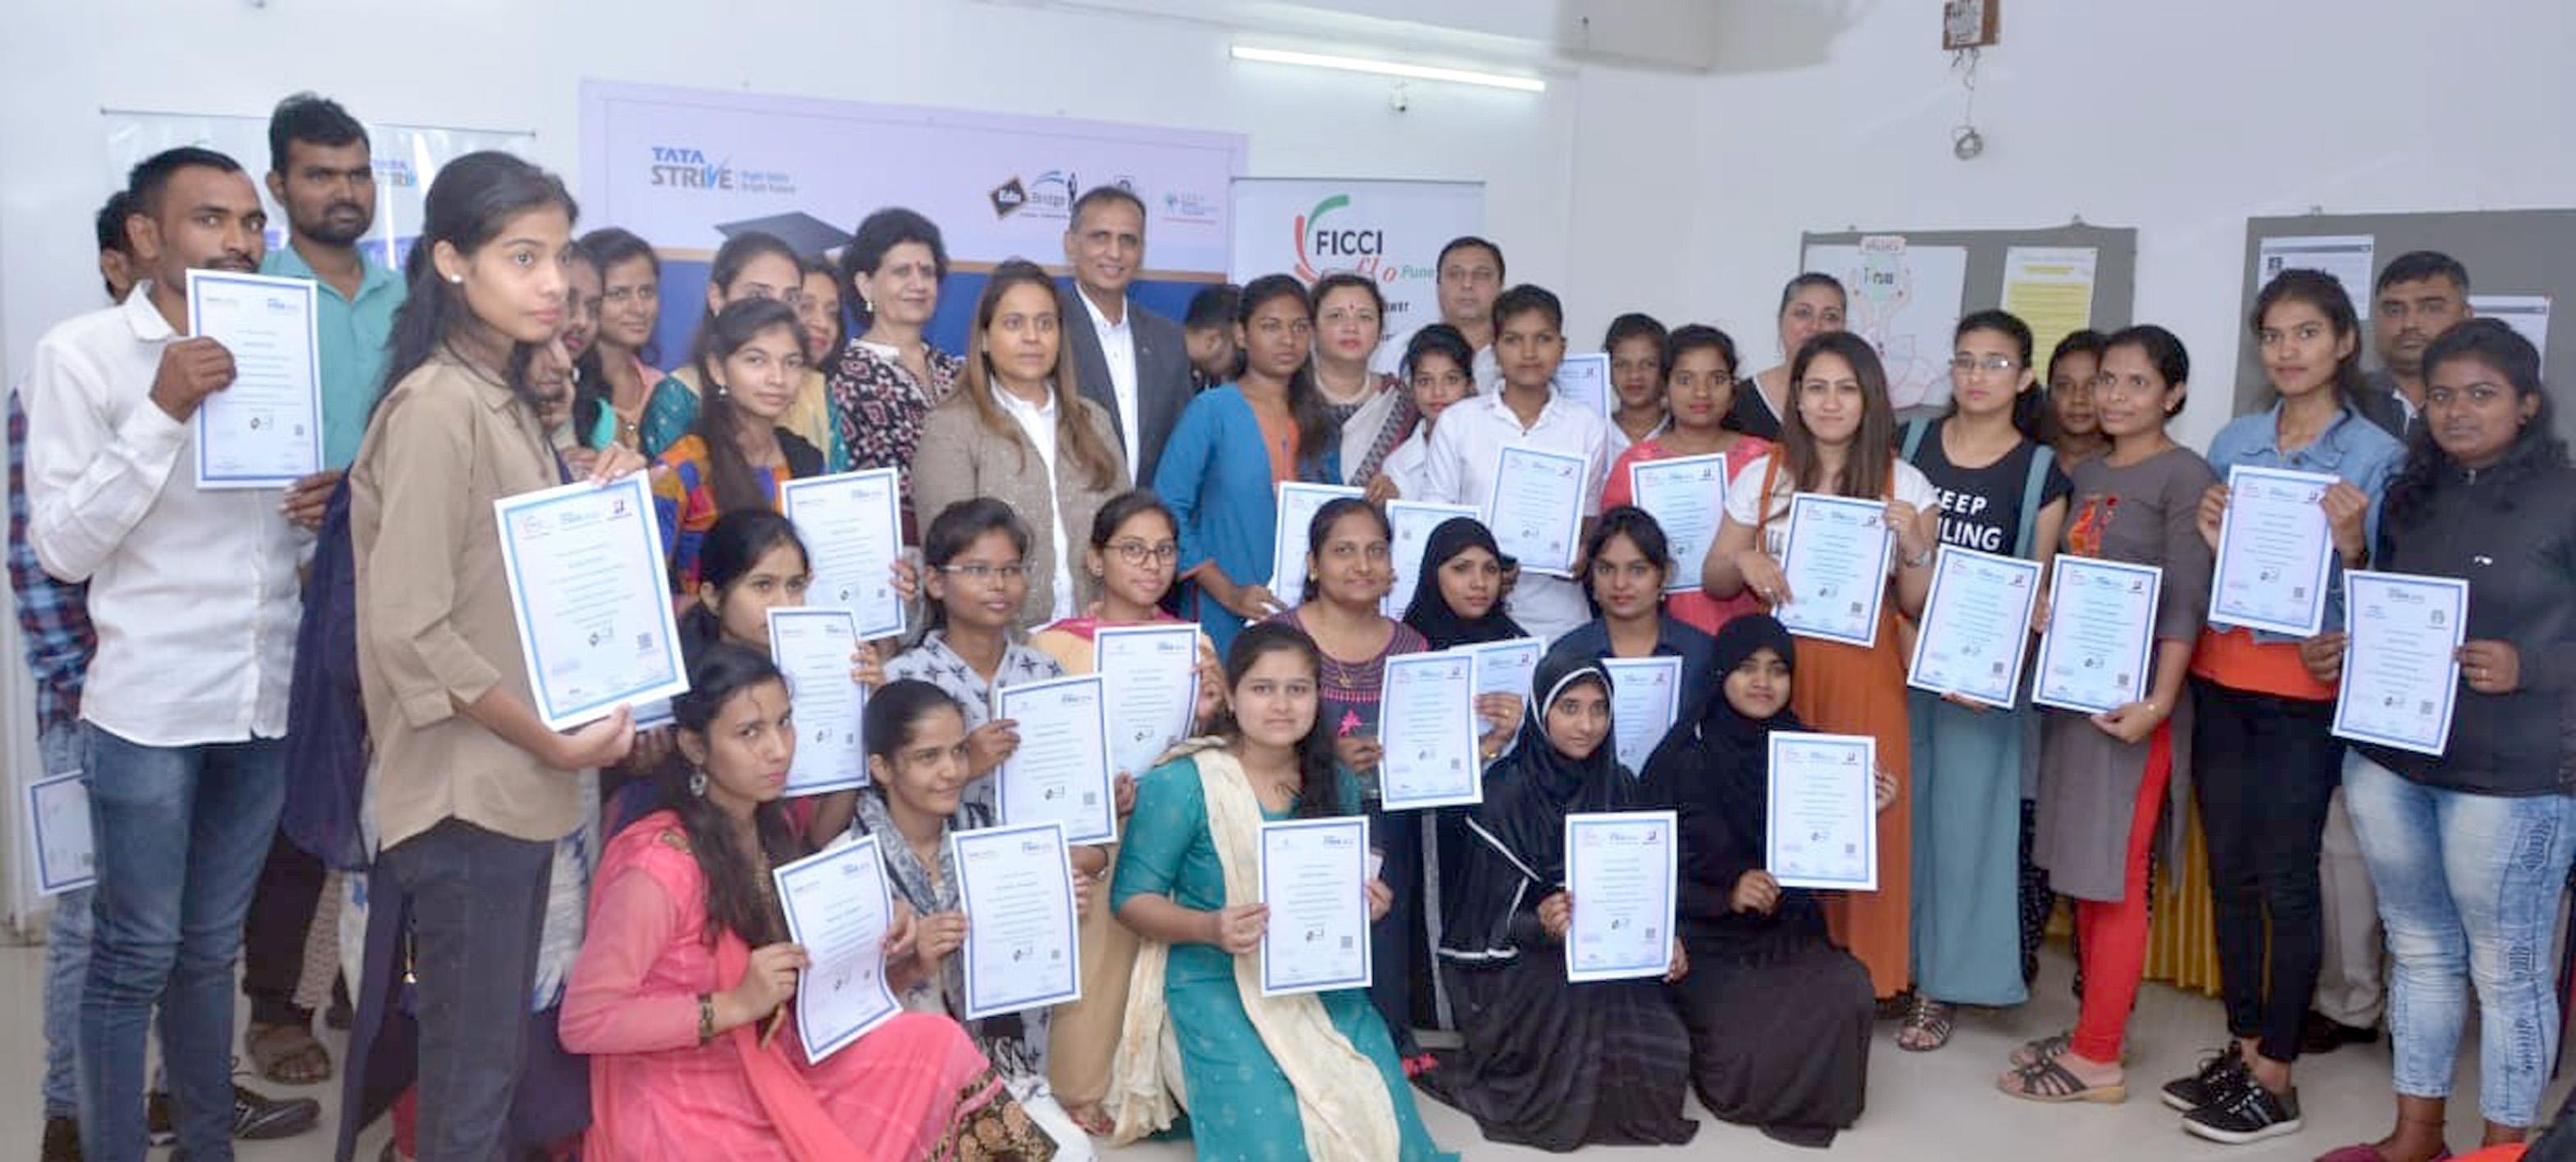 'फिक्की फ्लो'कडून ५० युवतींना प्रशिक्षण